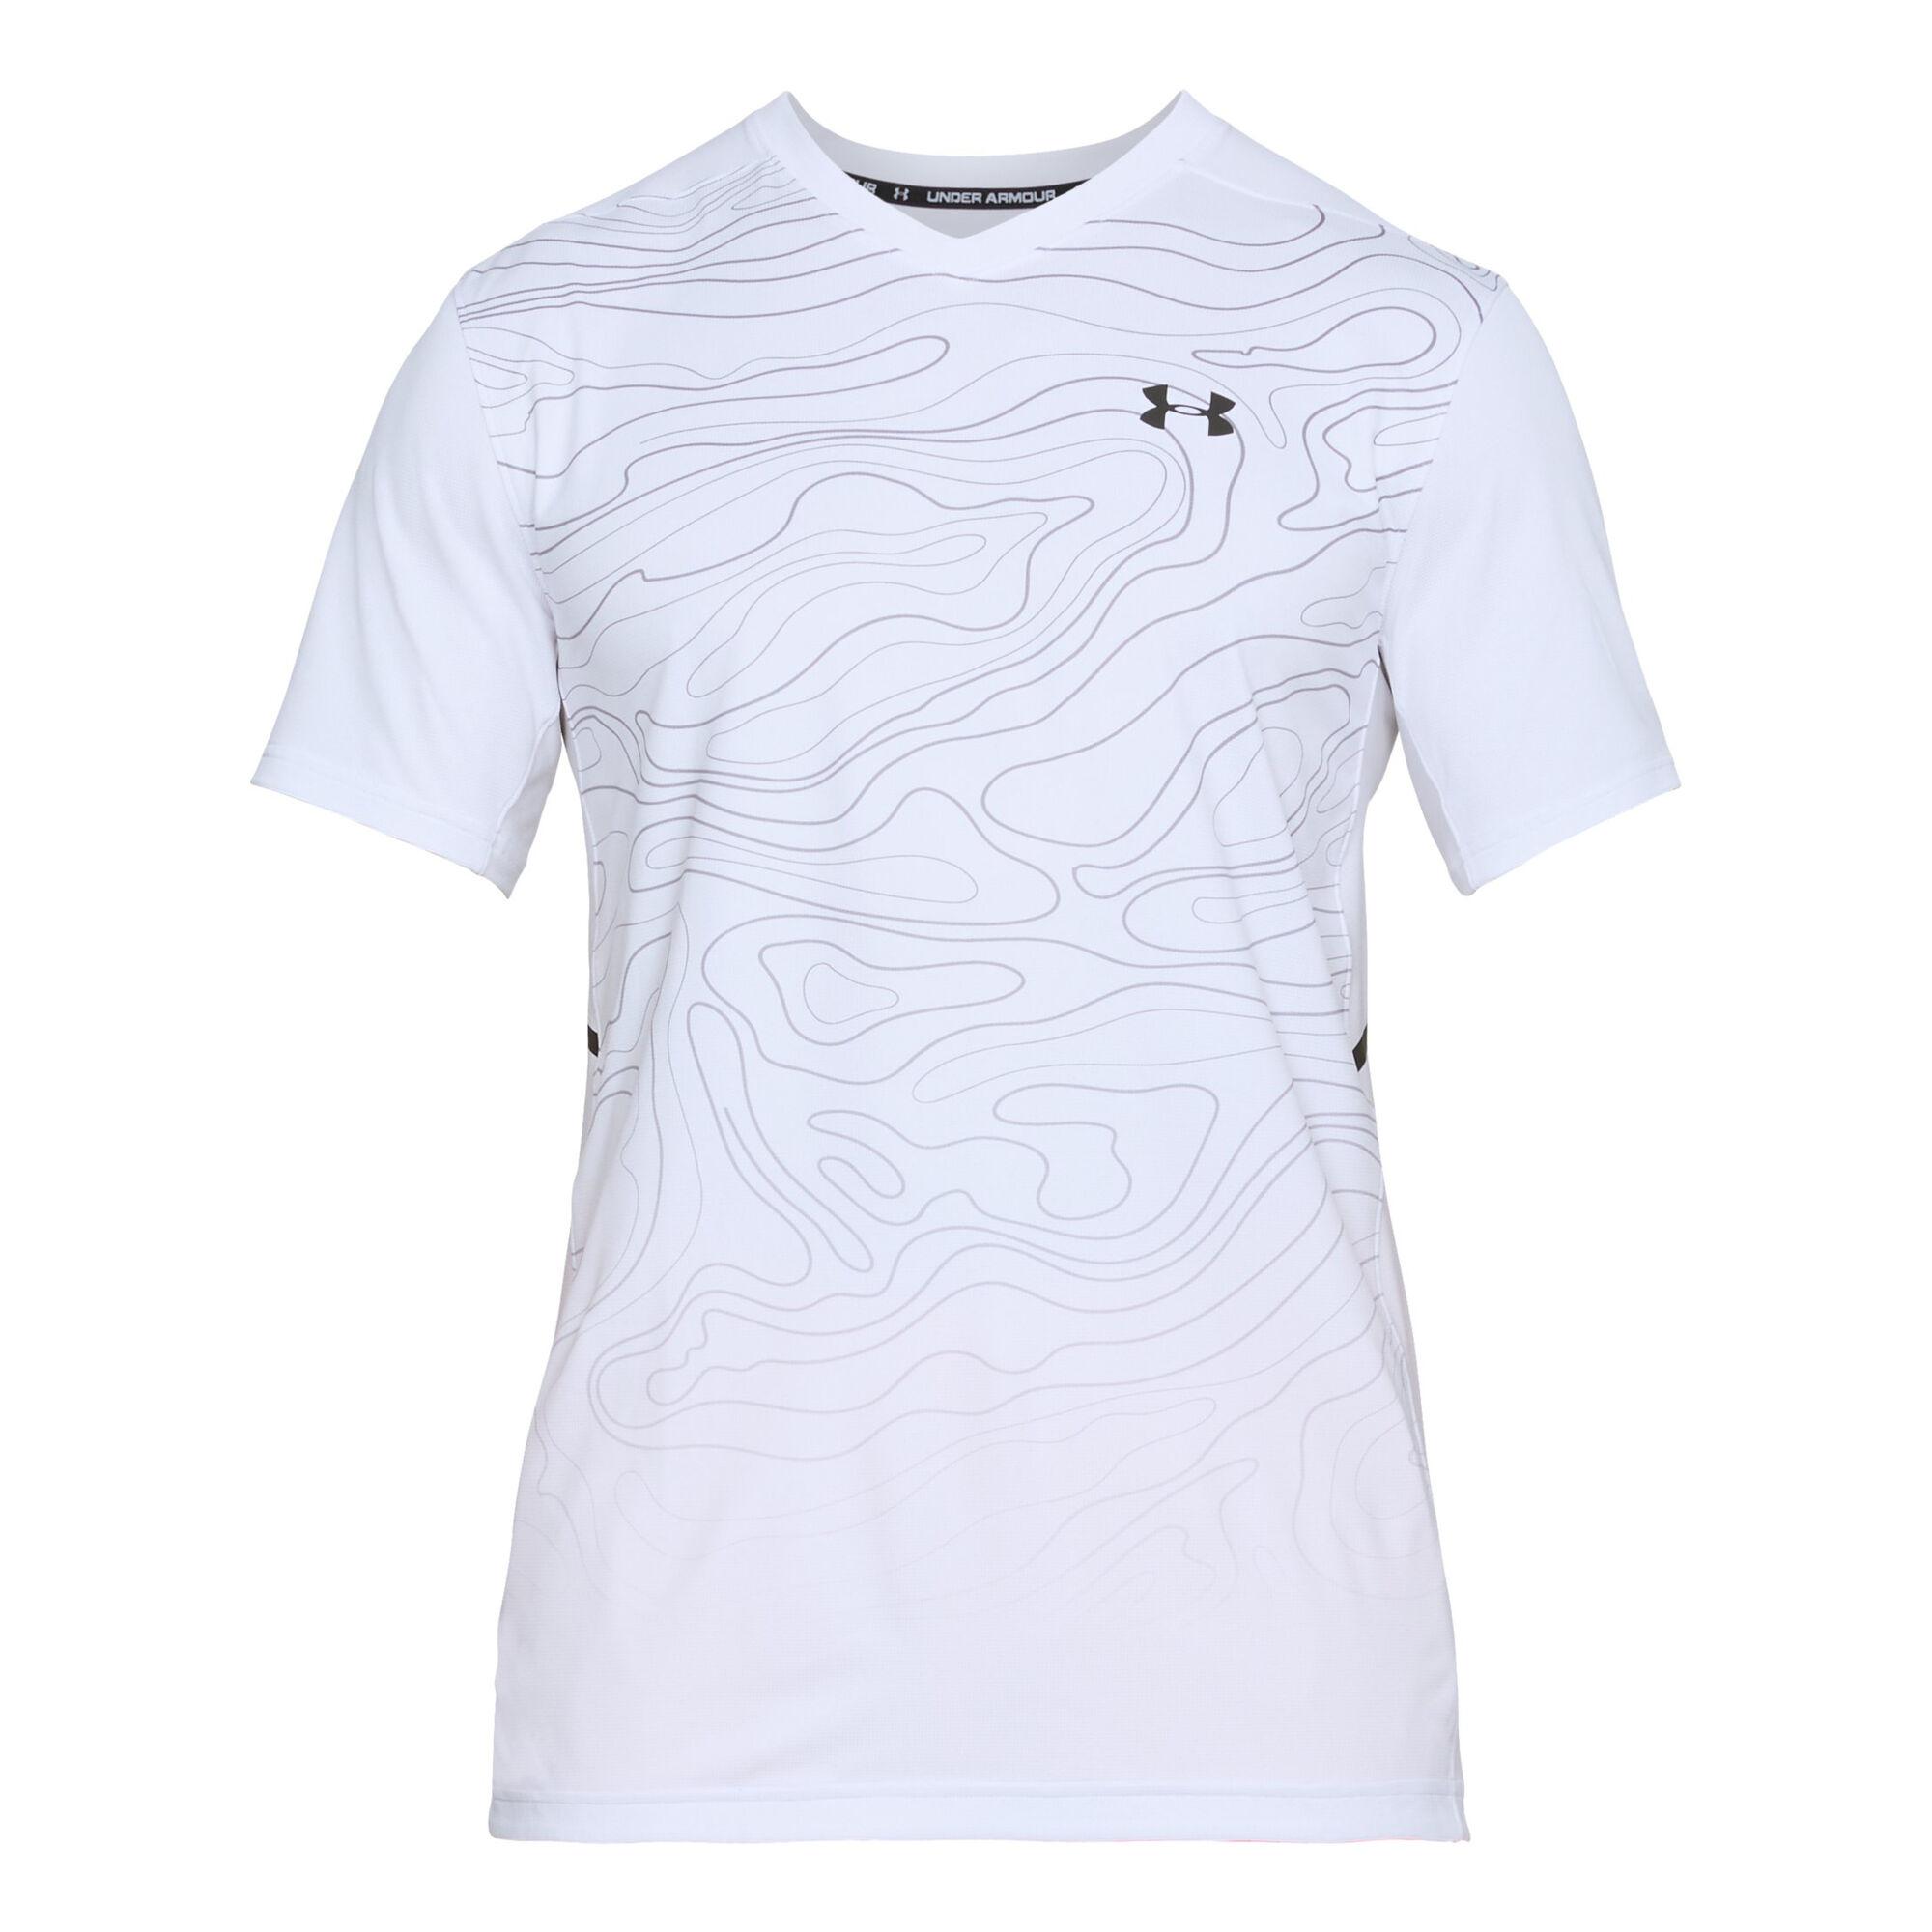 ad5d22b6 buy Under Armour Forge V Neck Novelty T-Shirt Men - White, Black ...